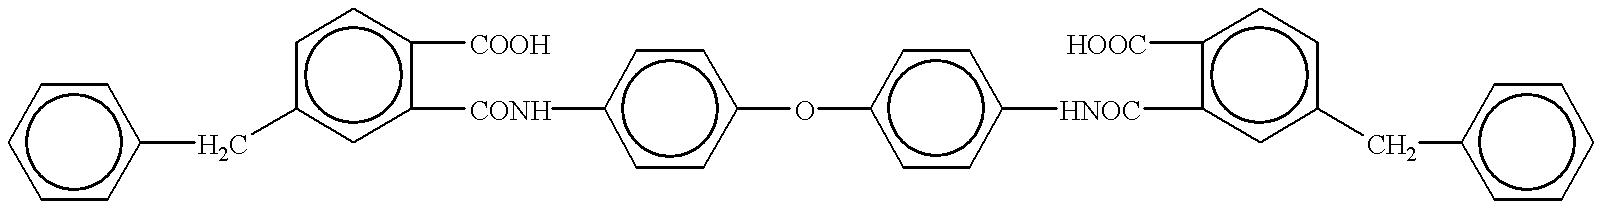 Figure US06180560-20010130-C00429